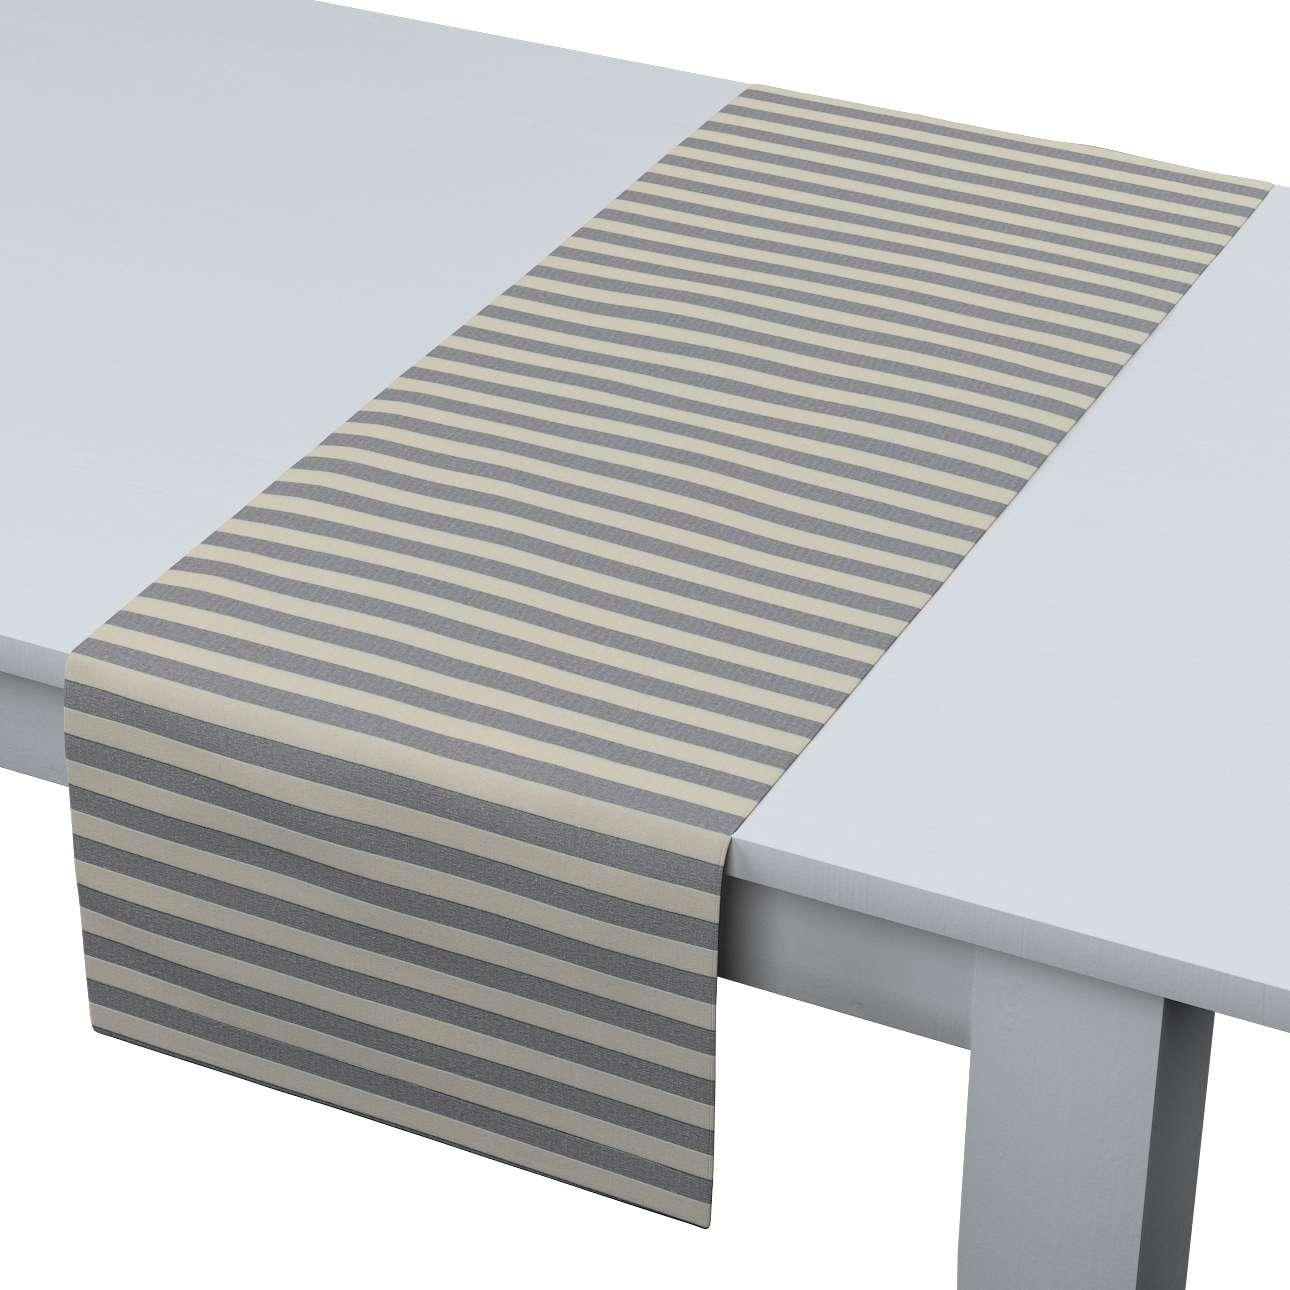 Štóla na stôl 40 × 130 cm V kolekcii Quadro, tkanina: 136-02